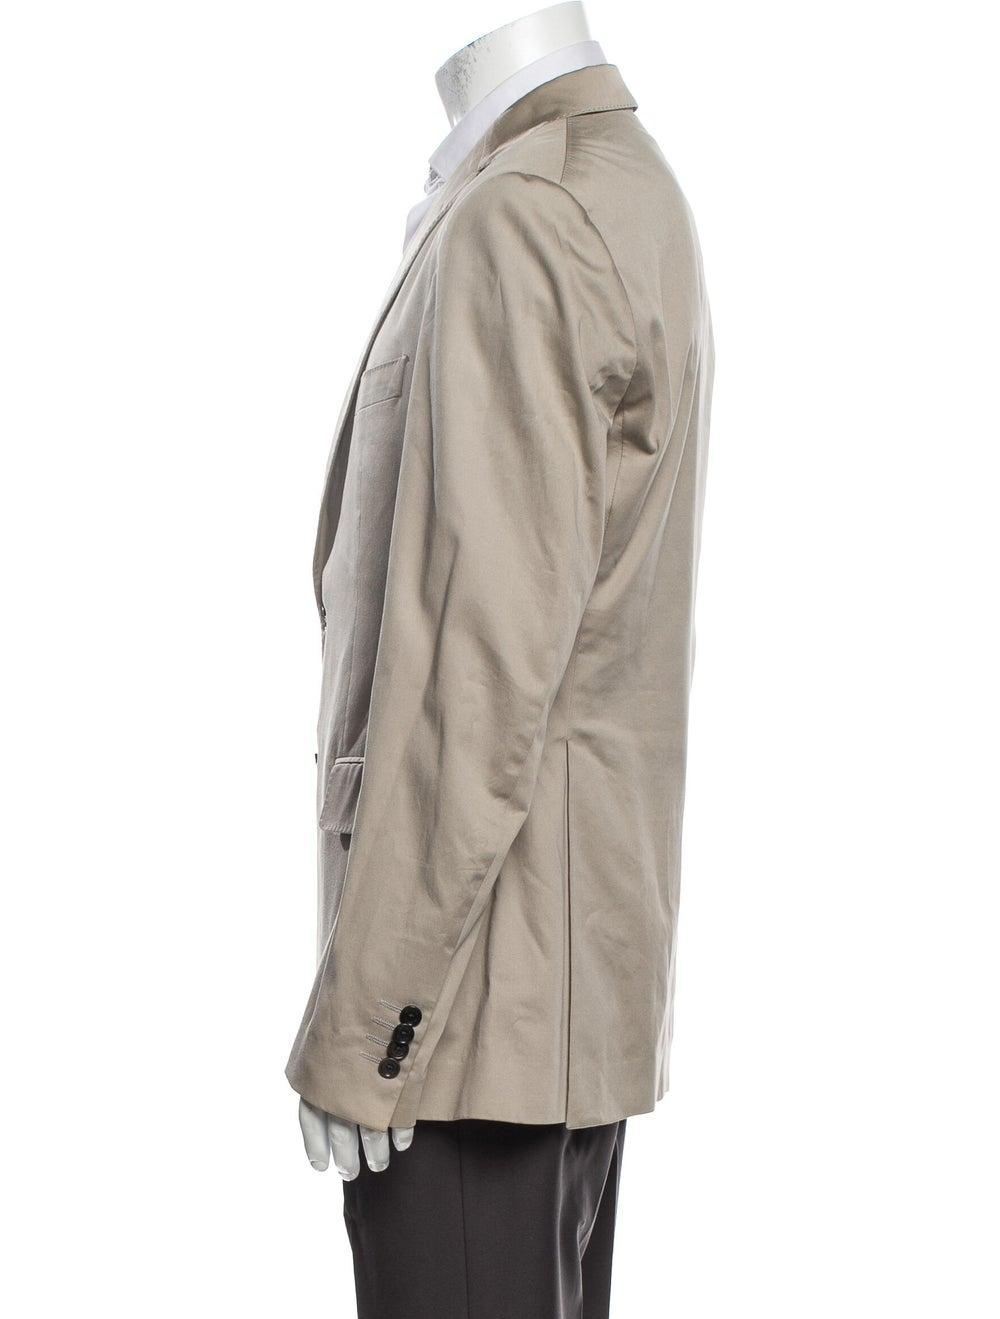 Etro Sport Coat - image 2